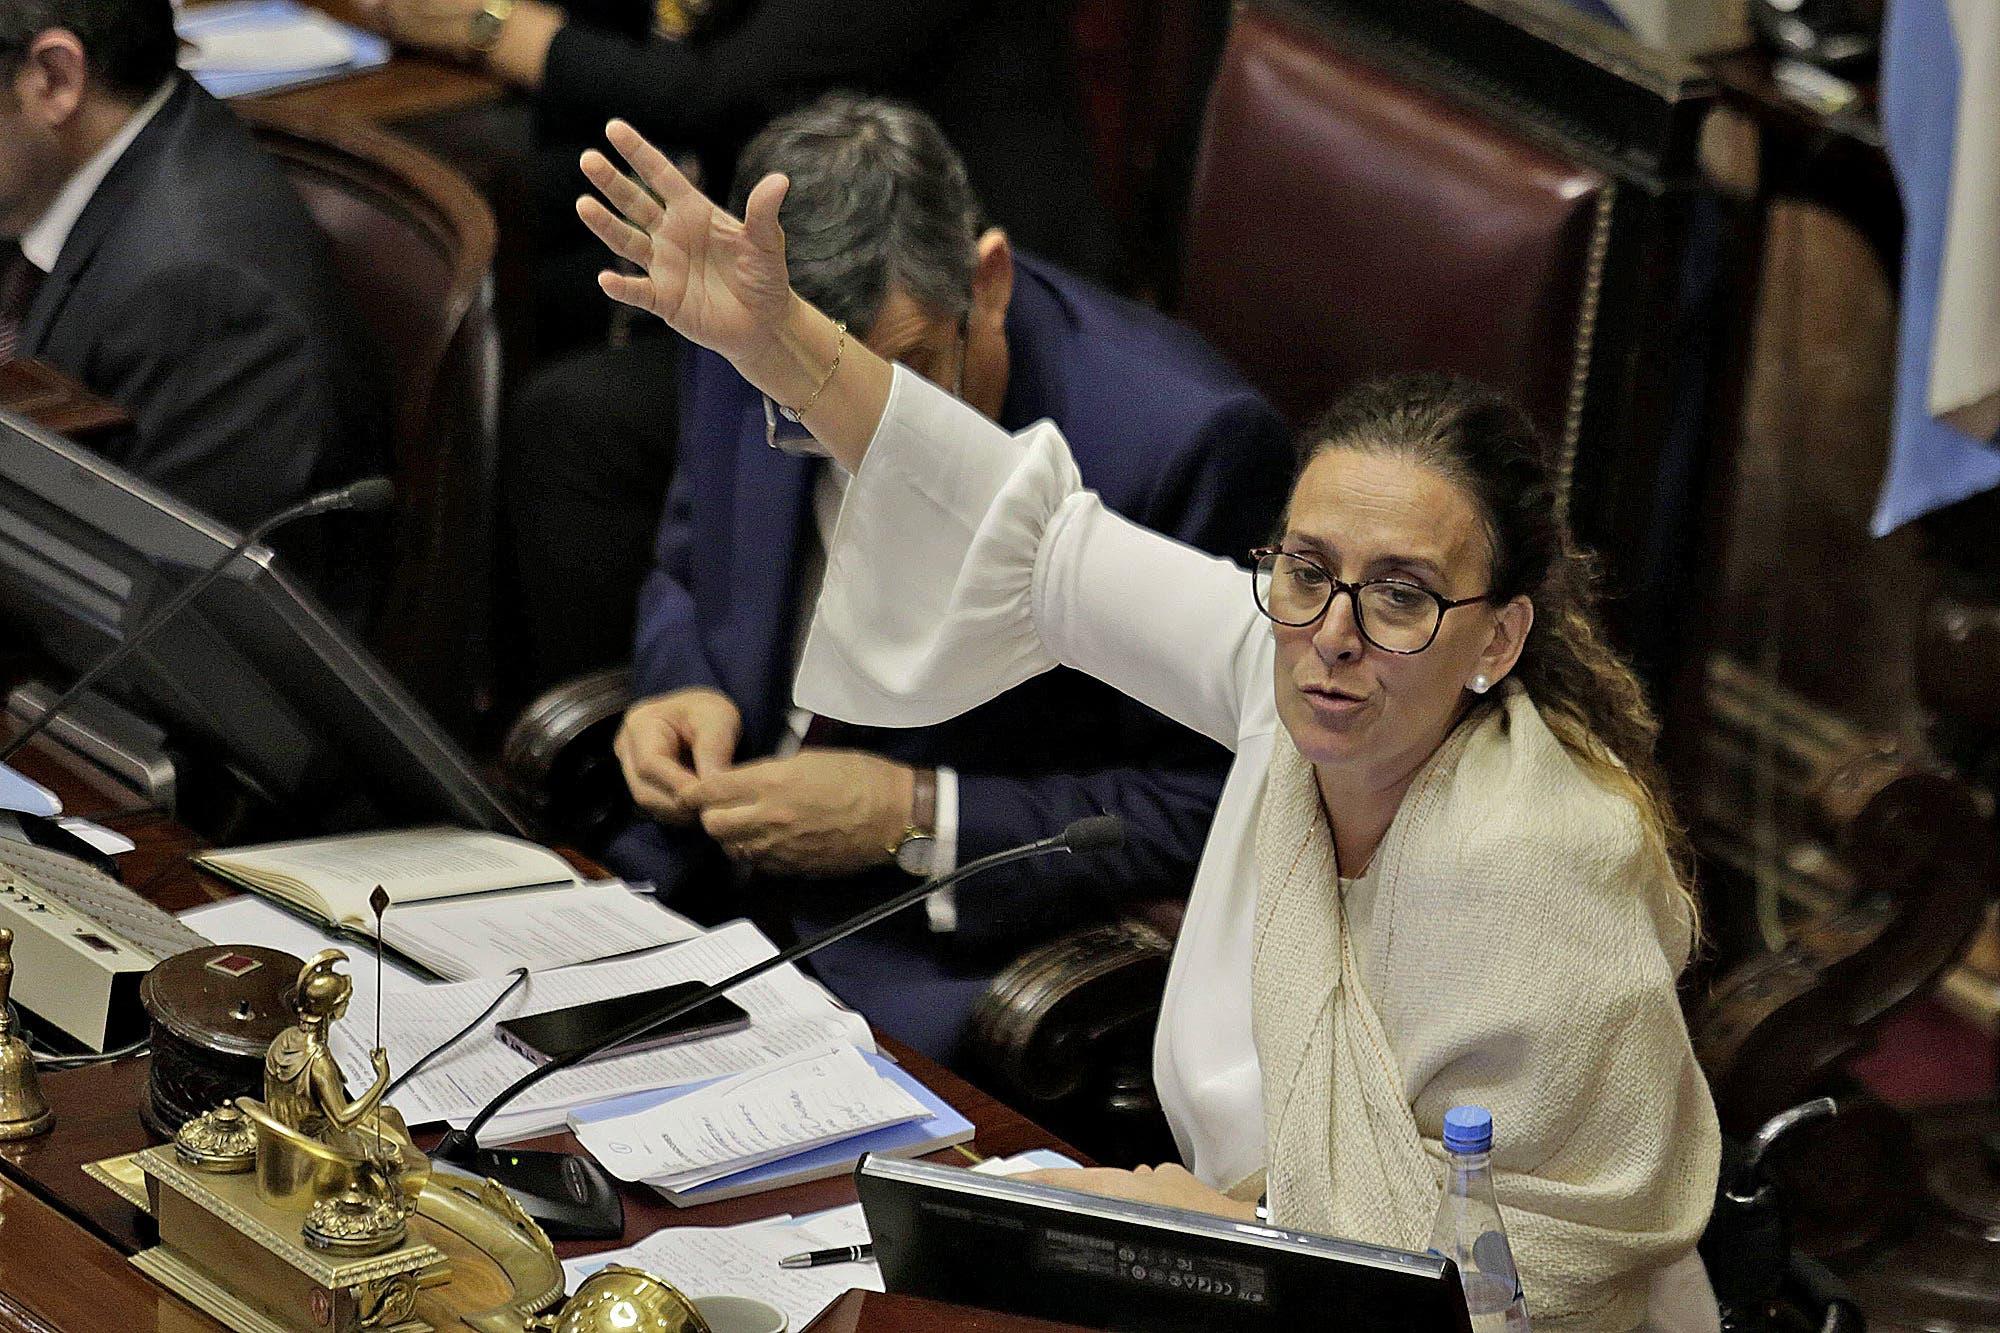 Aborto: Gabriela Michetti dejó el micrófono abierto y se la escuchó insultar en pleno debate